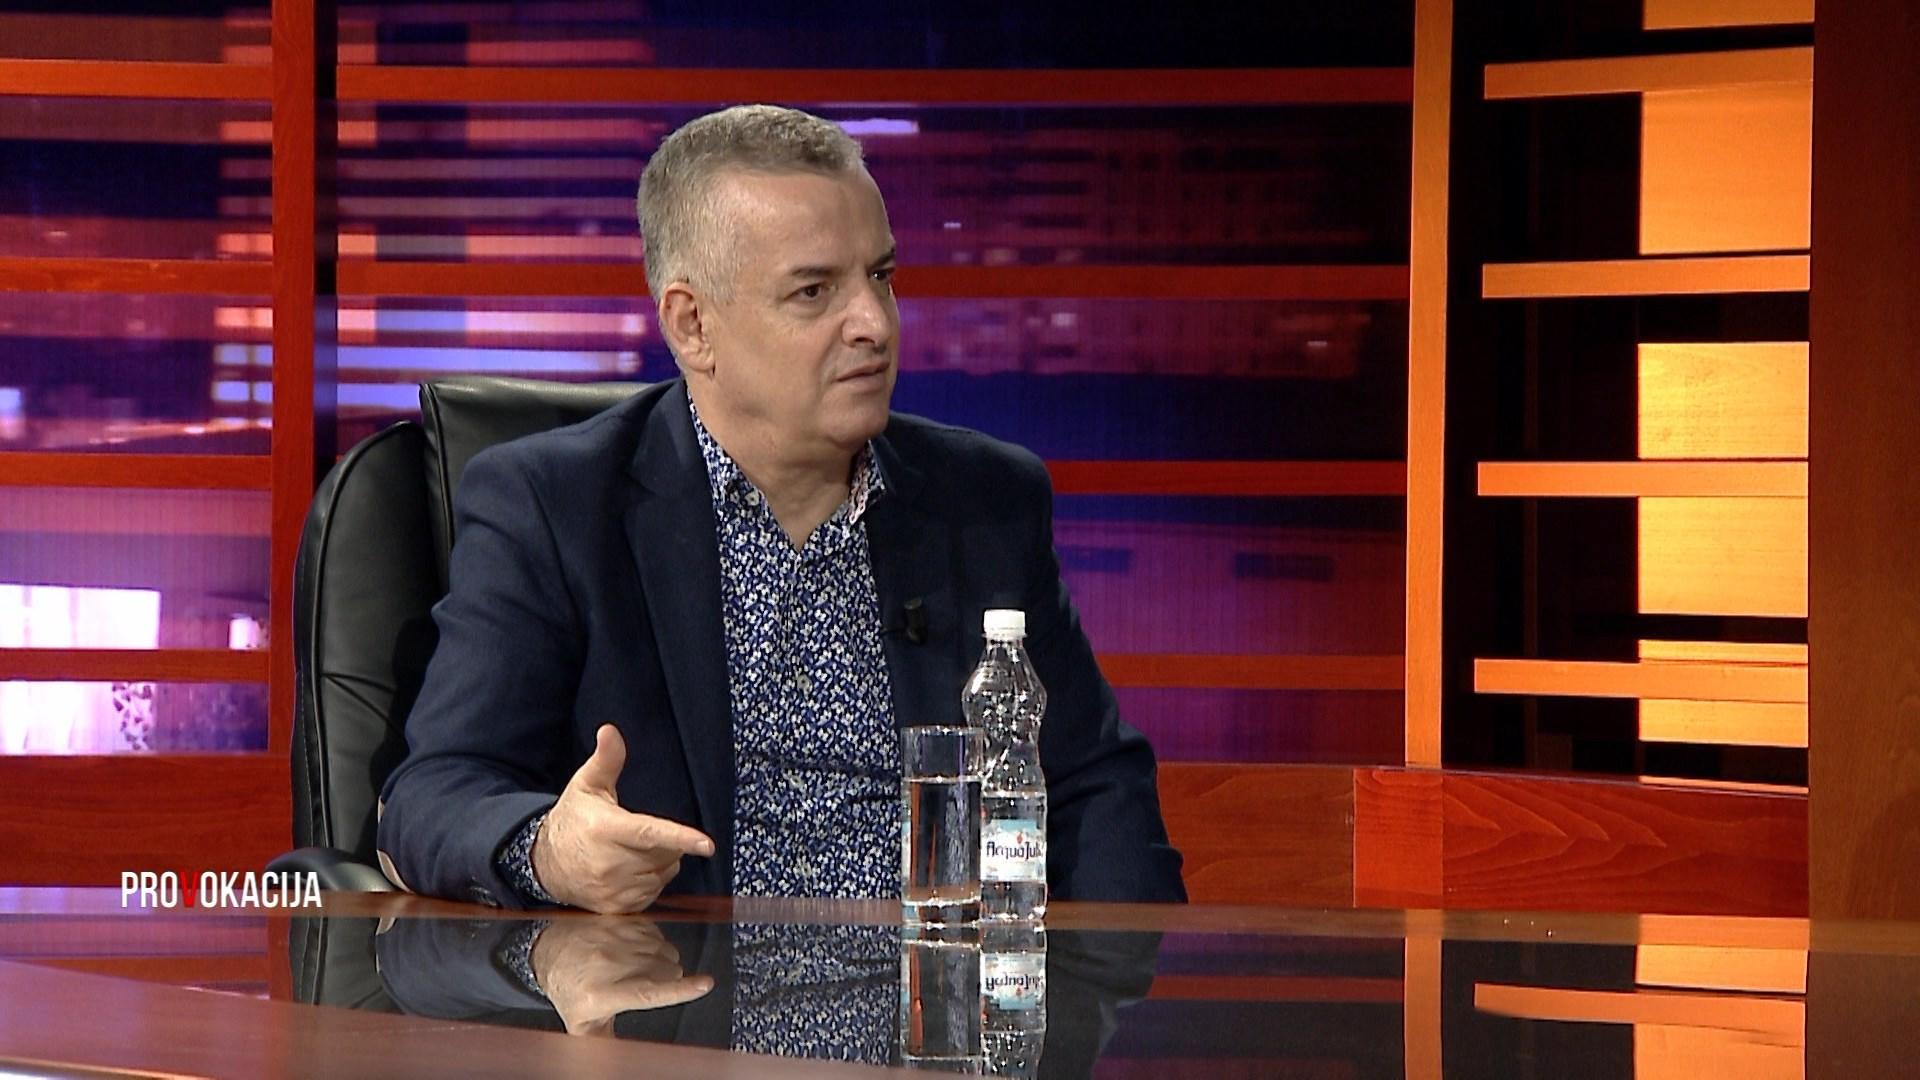 Provokacija/ Nazarko: Serbisë i intereson bashkimi Kosovë-Shqipëri